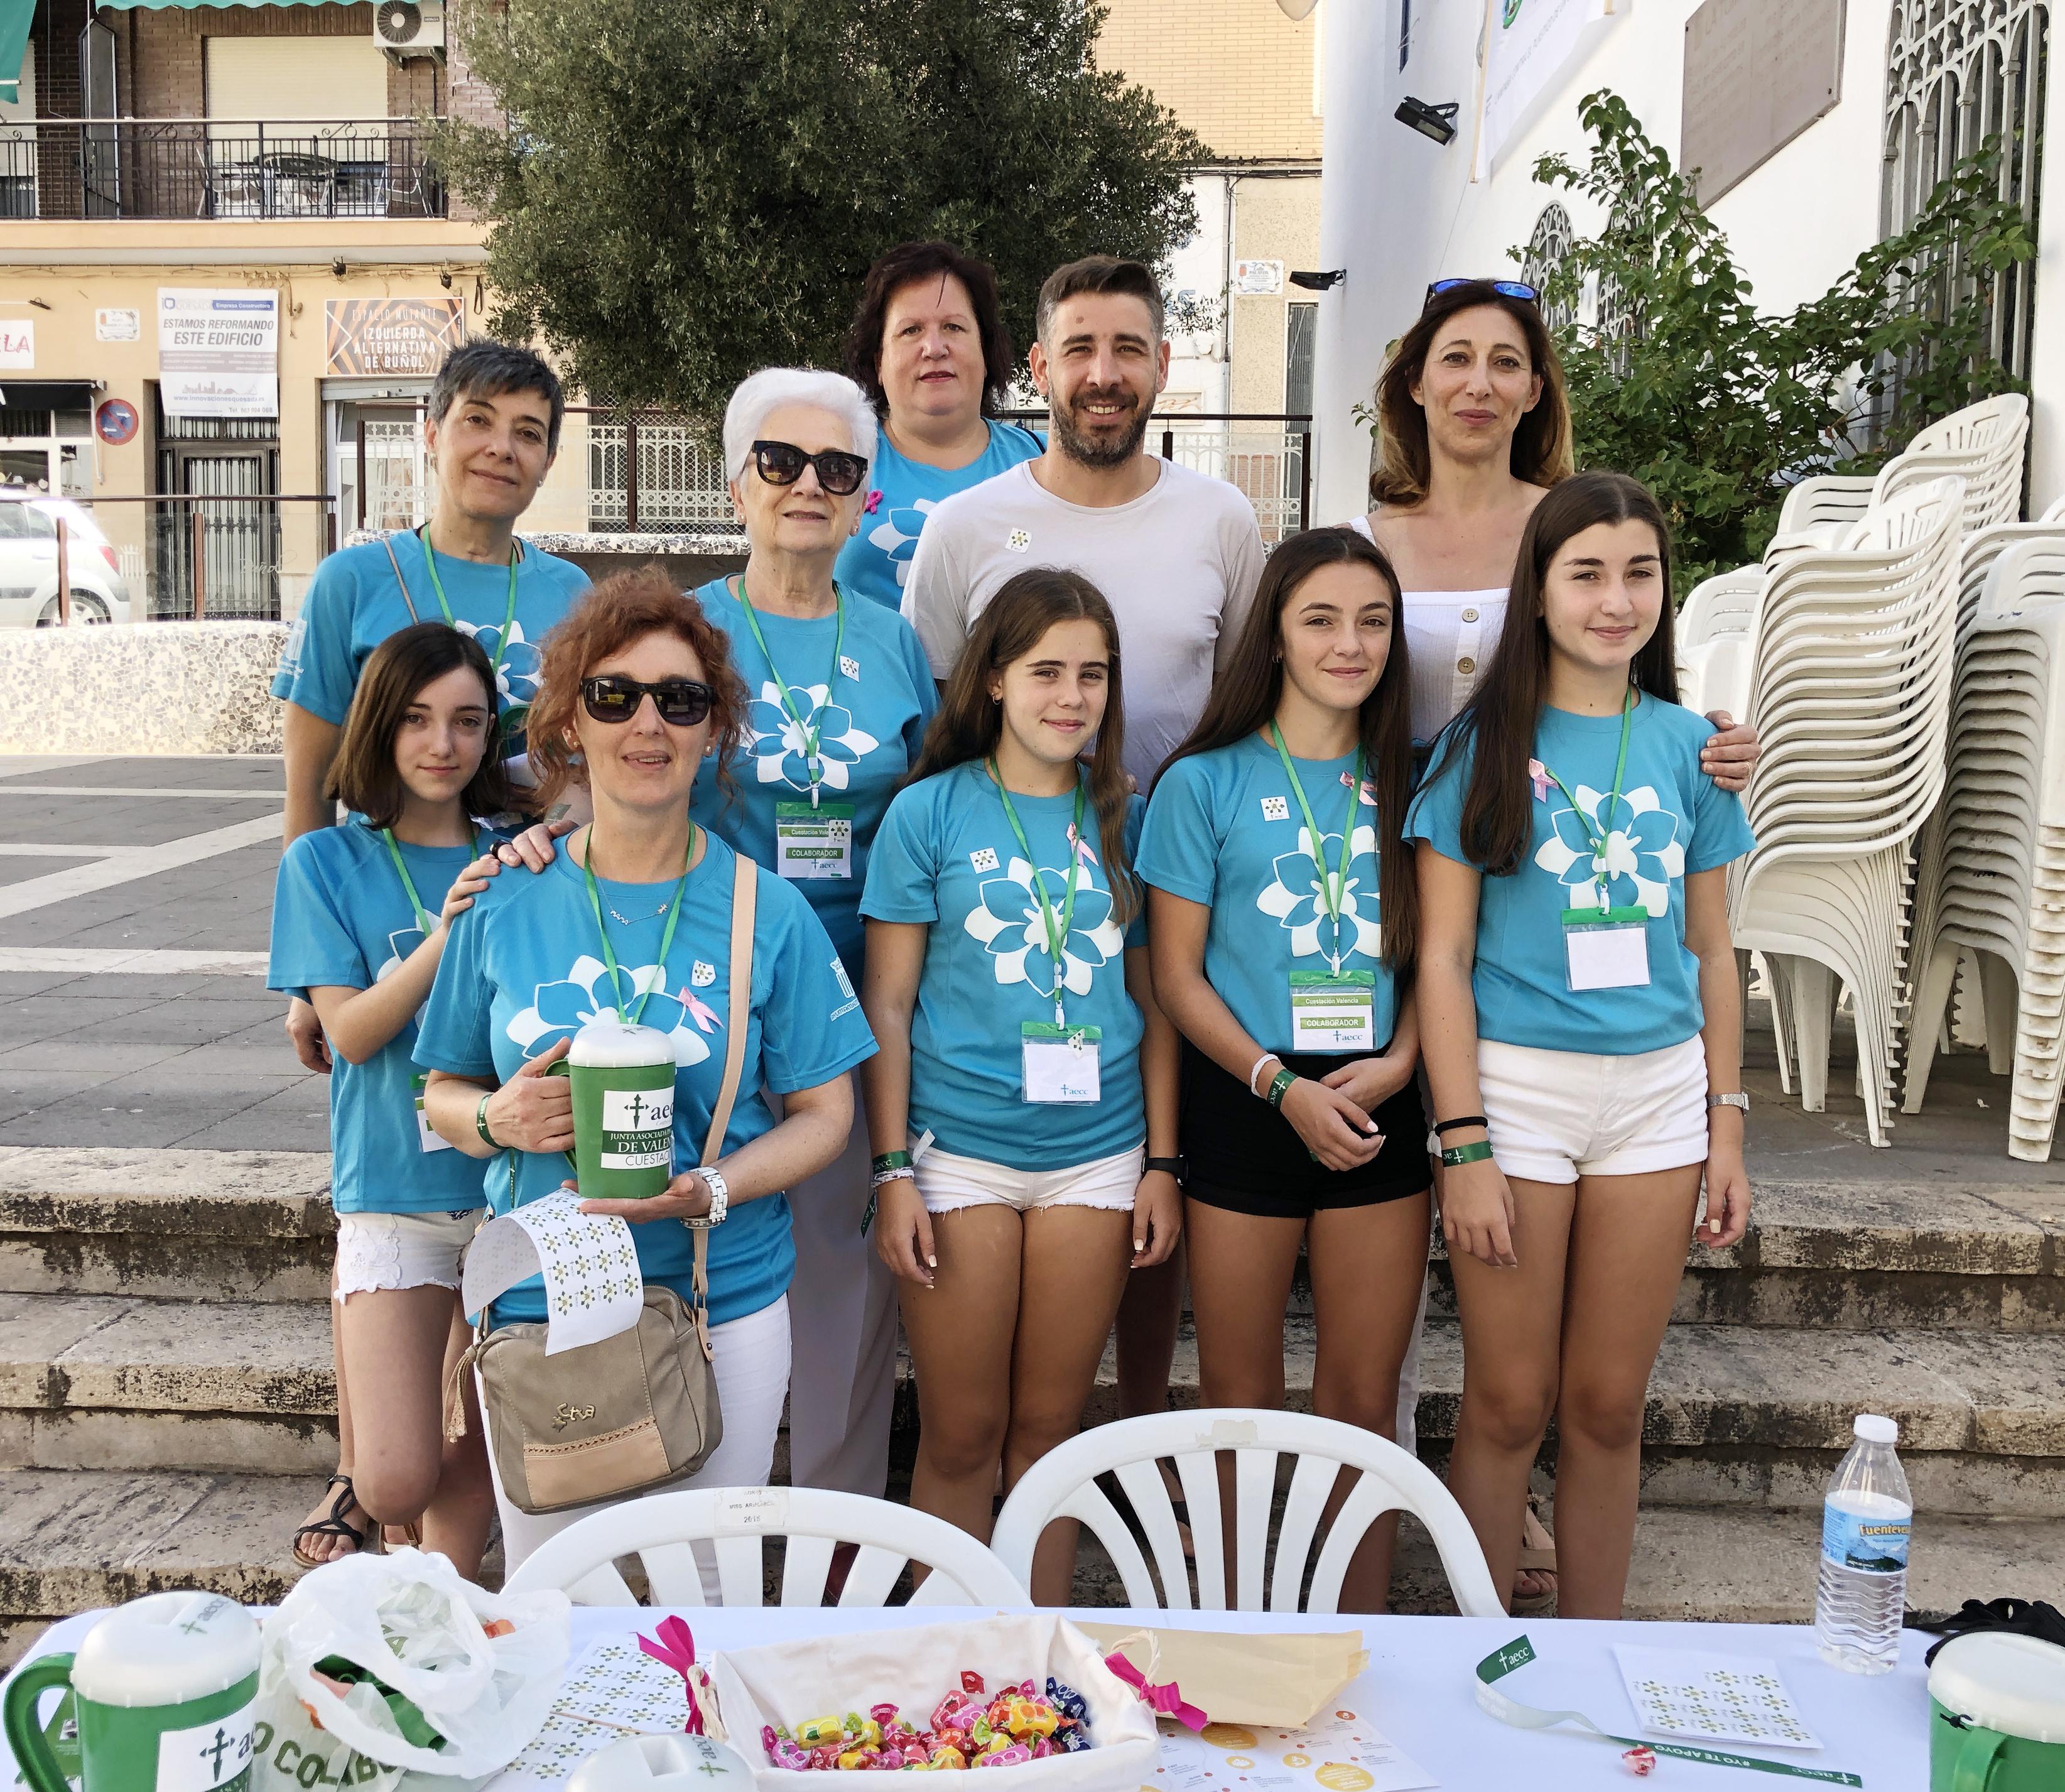 La Concejala de Sanidad, Mati Mas, y el de Bienestar Social, Carles Xerri, junto a colaboradoras de la AECC la mesa petitoria de la Plaza del Pueblo.